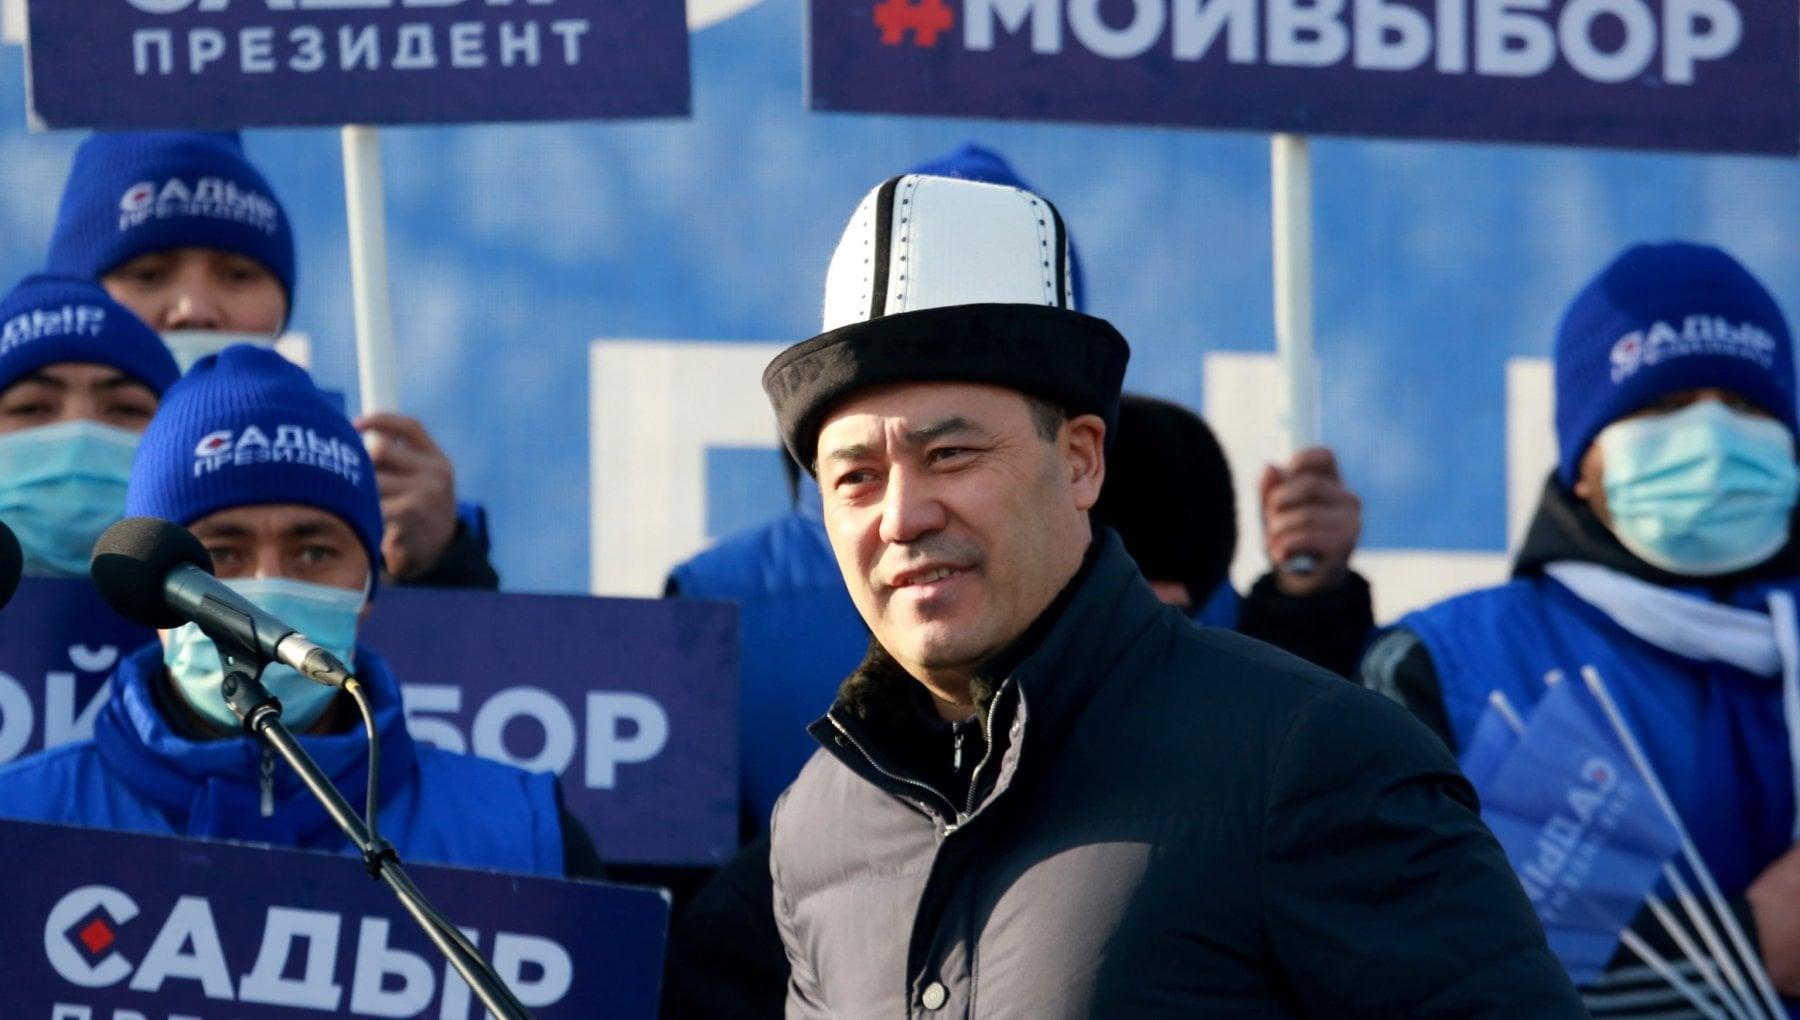 185211905 85f762bd 5d81 4acb 929c c9554a5f22e6 - Kirghizistan, dalla prigione alla presidenza: l'incredibile ascesa di Japarov